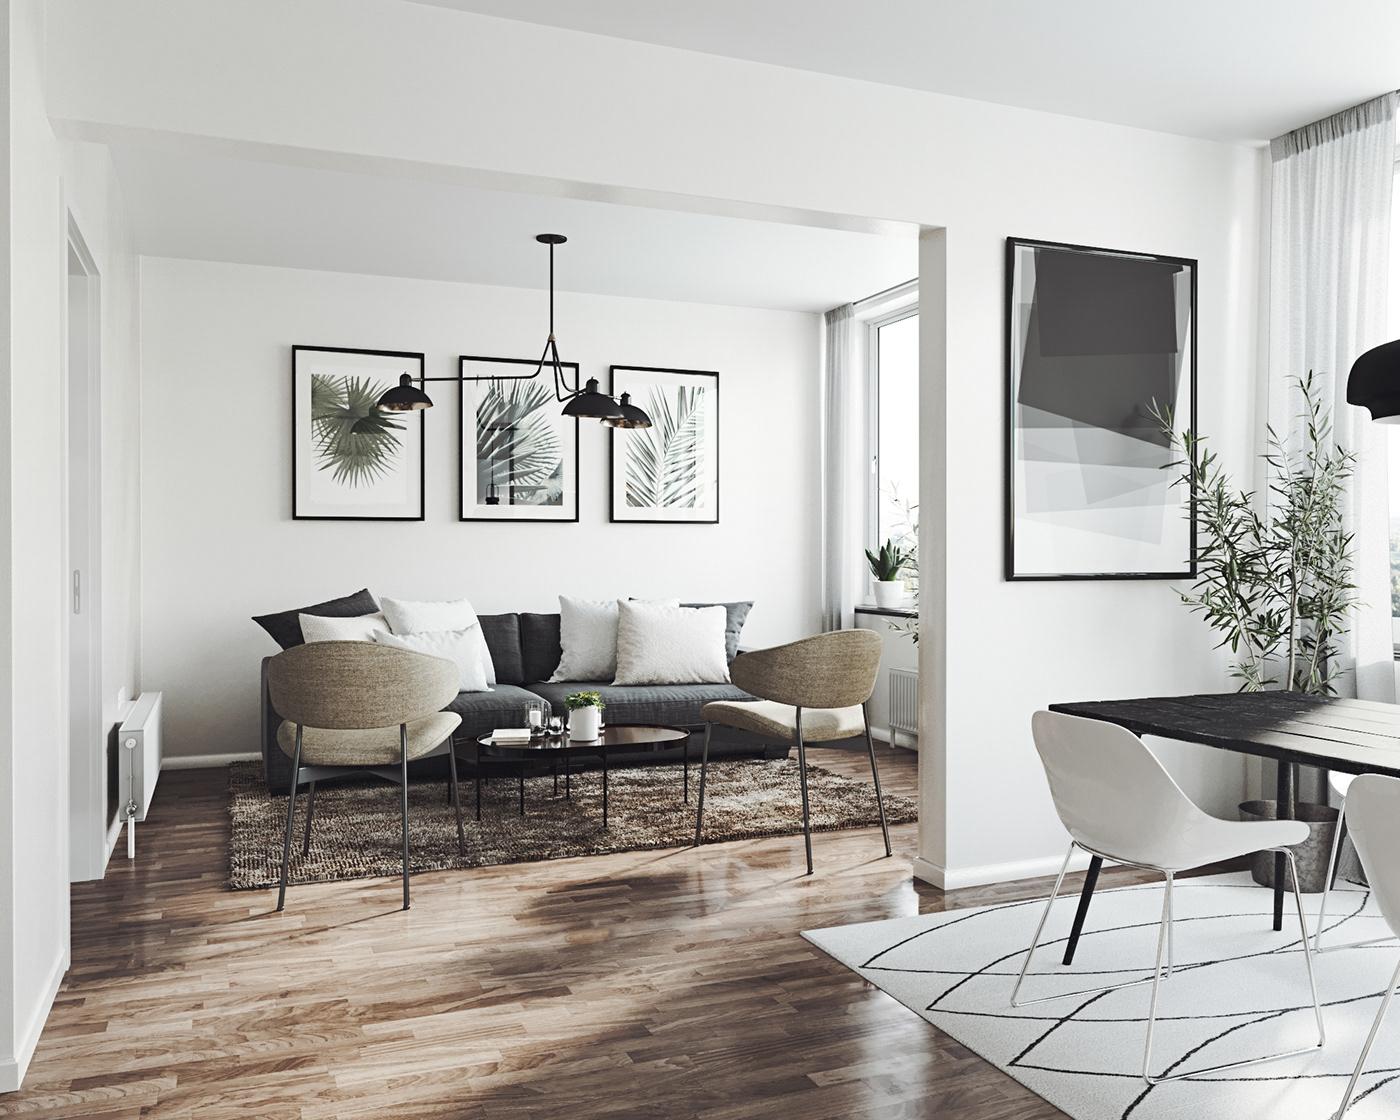 Diseño de Interiores arquitectura ilustracion diseño gráfico arte digital Scandinavian